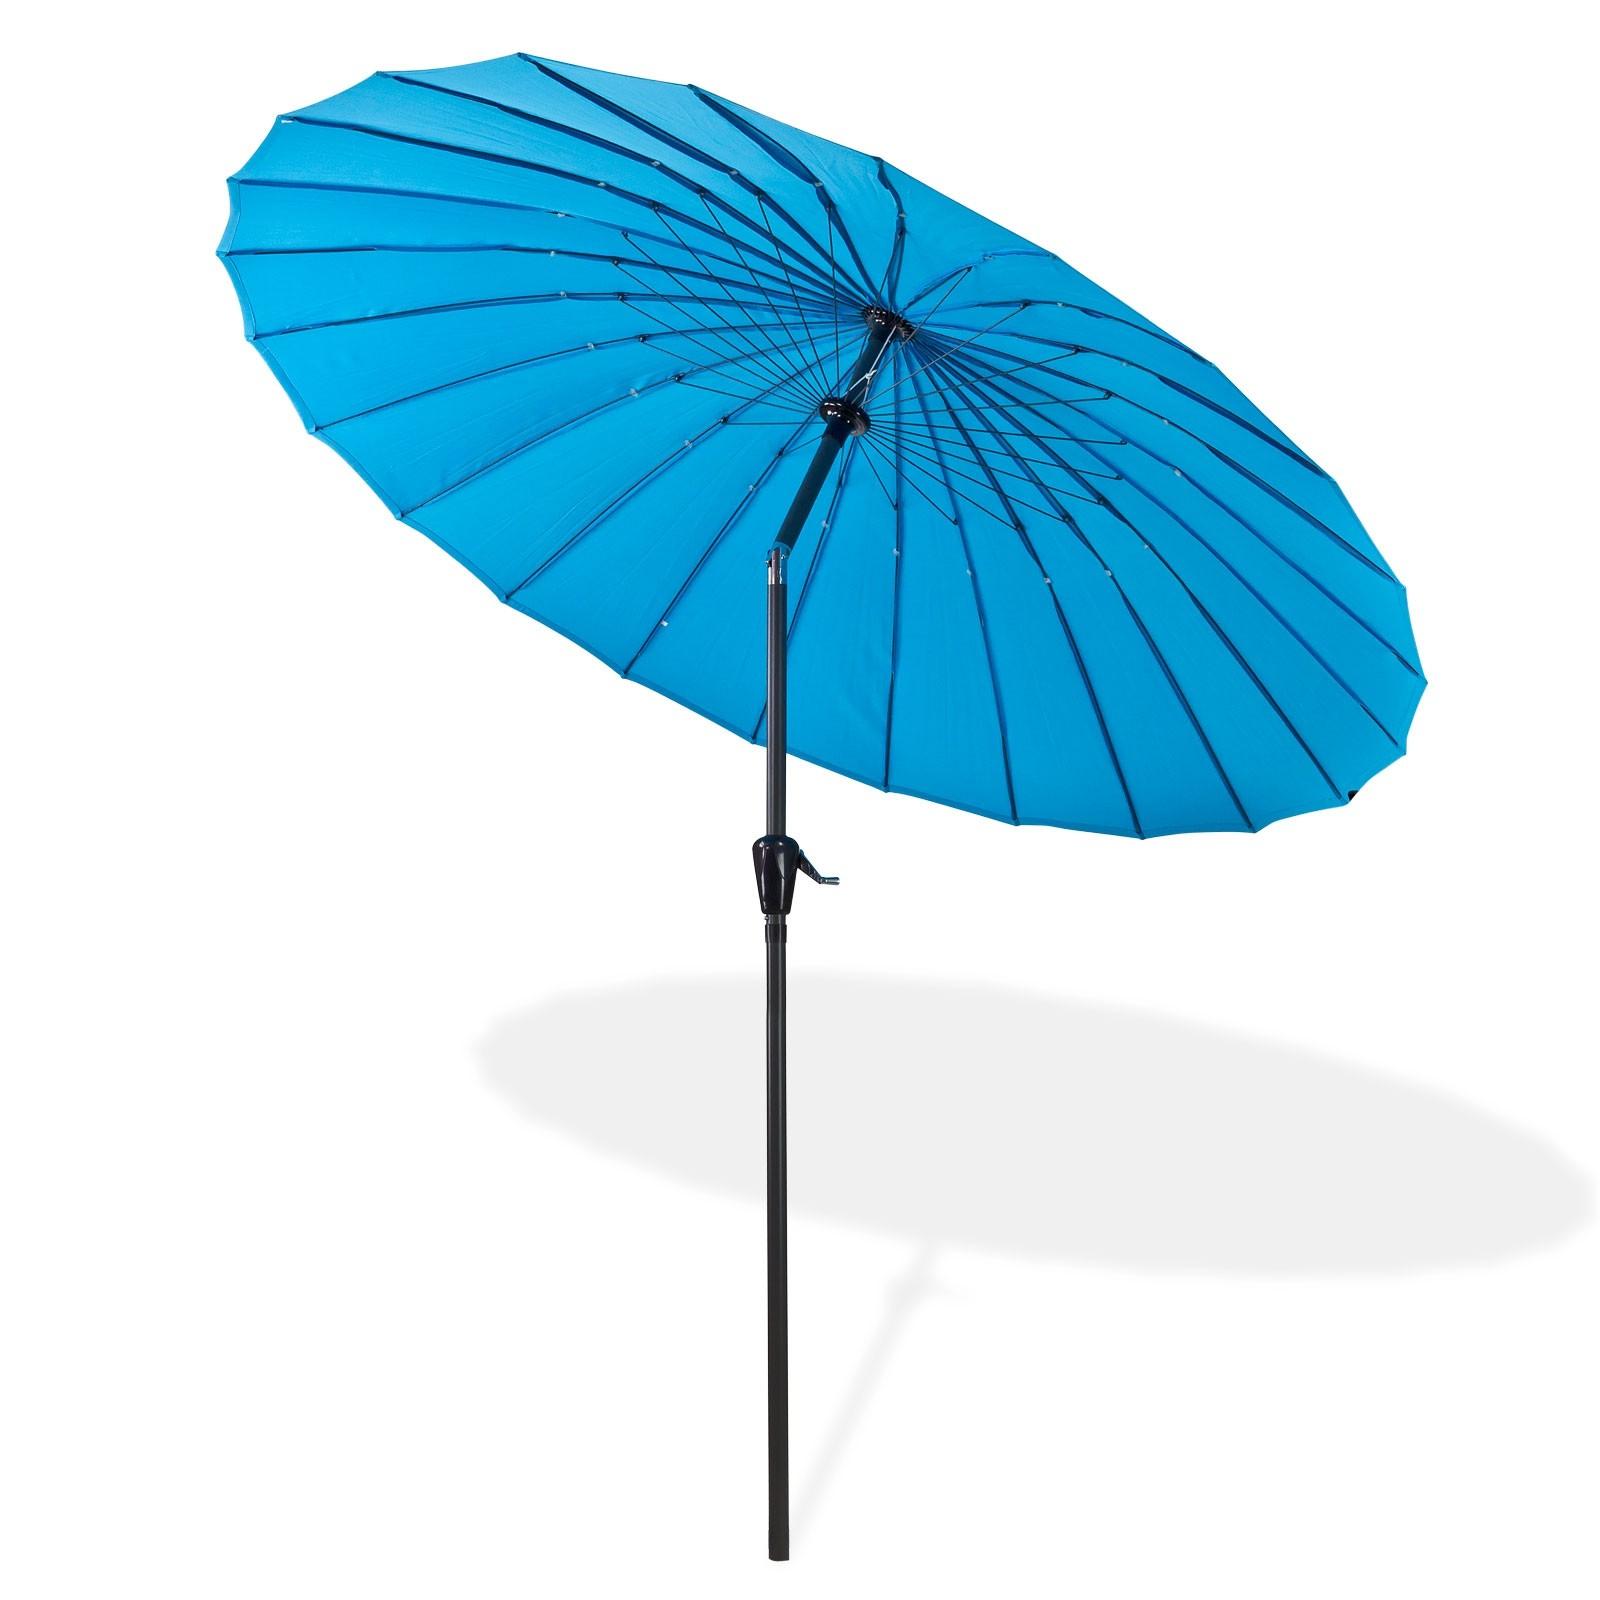 Dema Sonnenschirm / Gartenschirm Tokio rund 2,5 m blau 41279